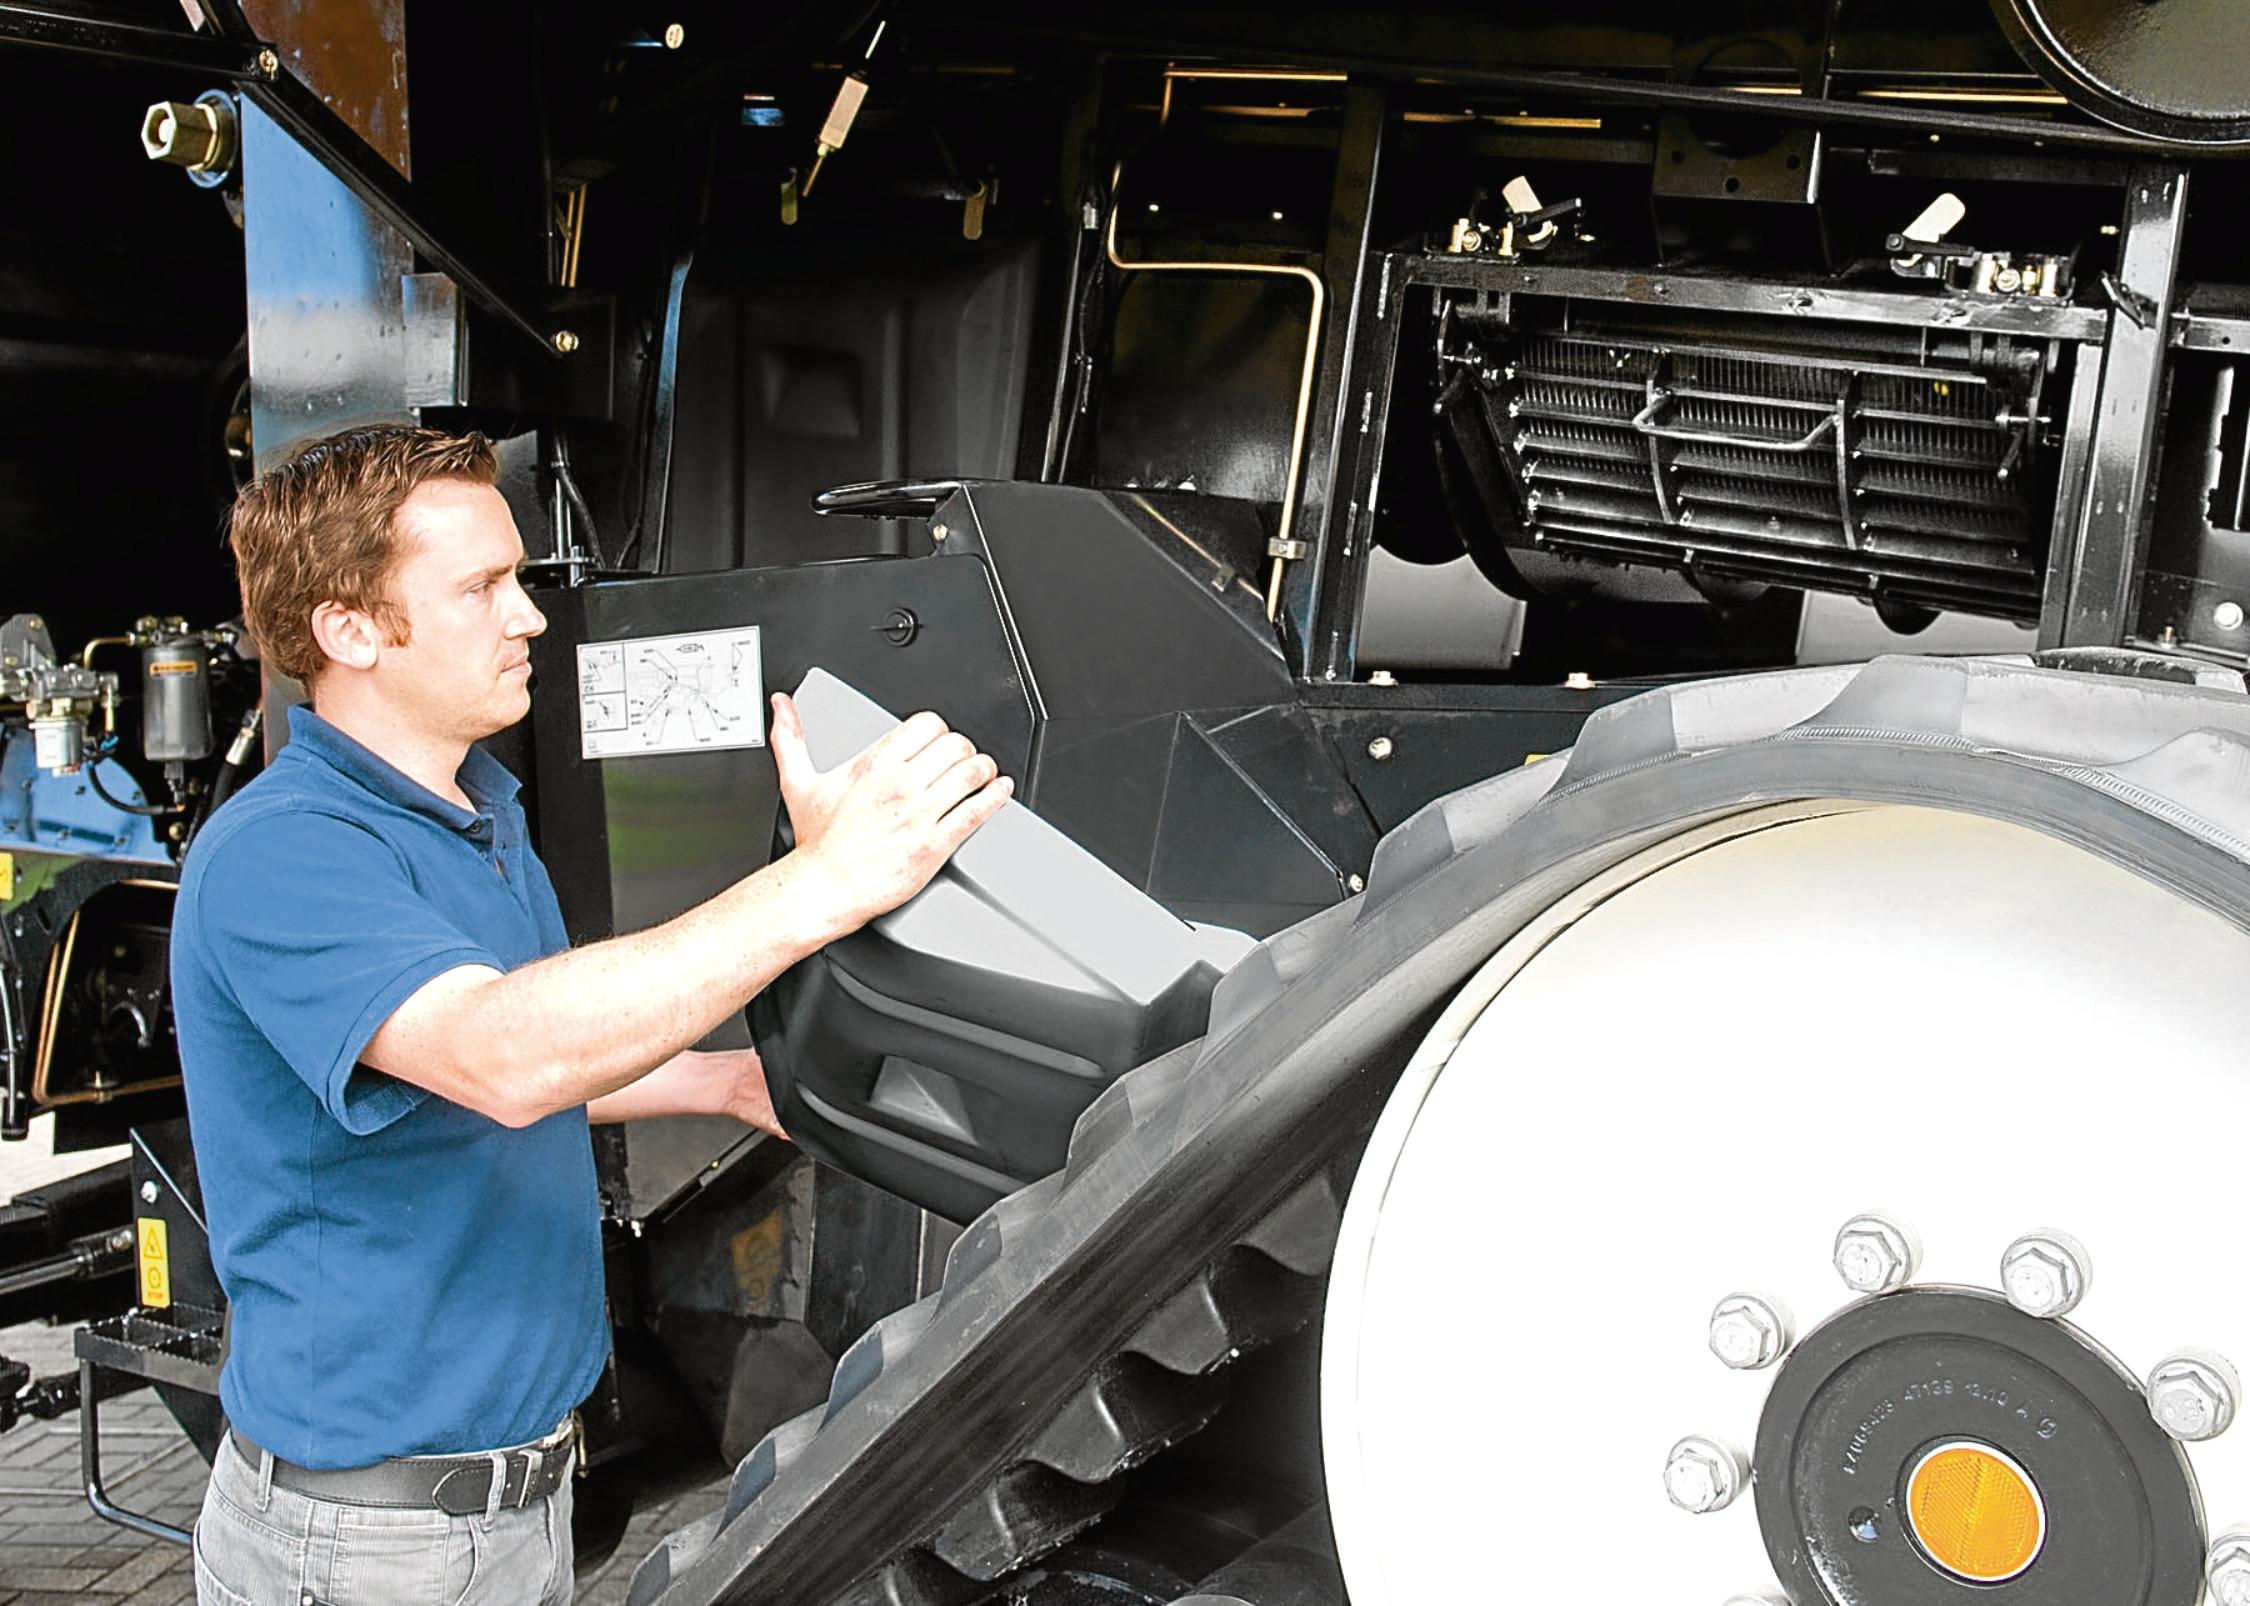 New Holland apprenticeship scheme